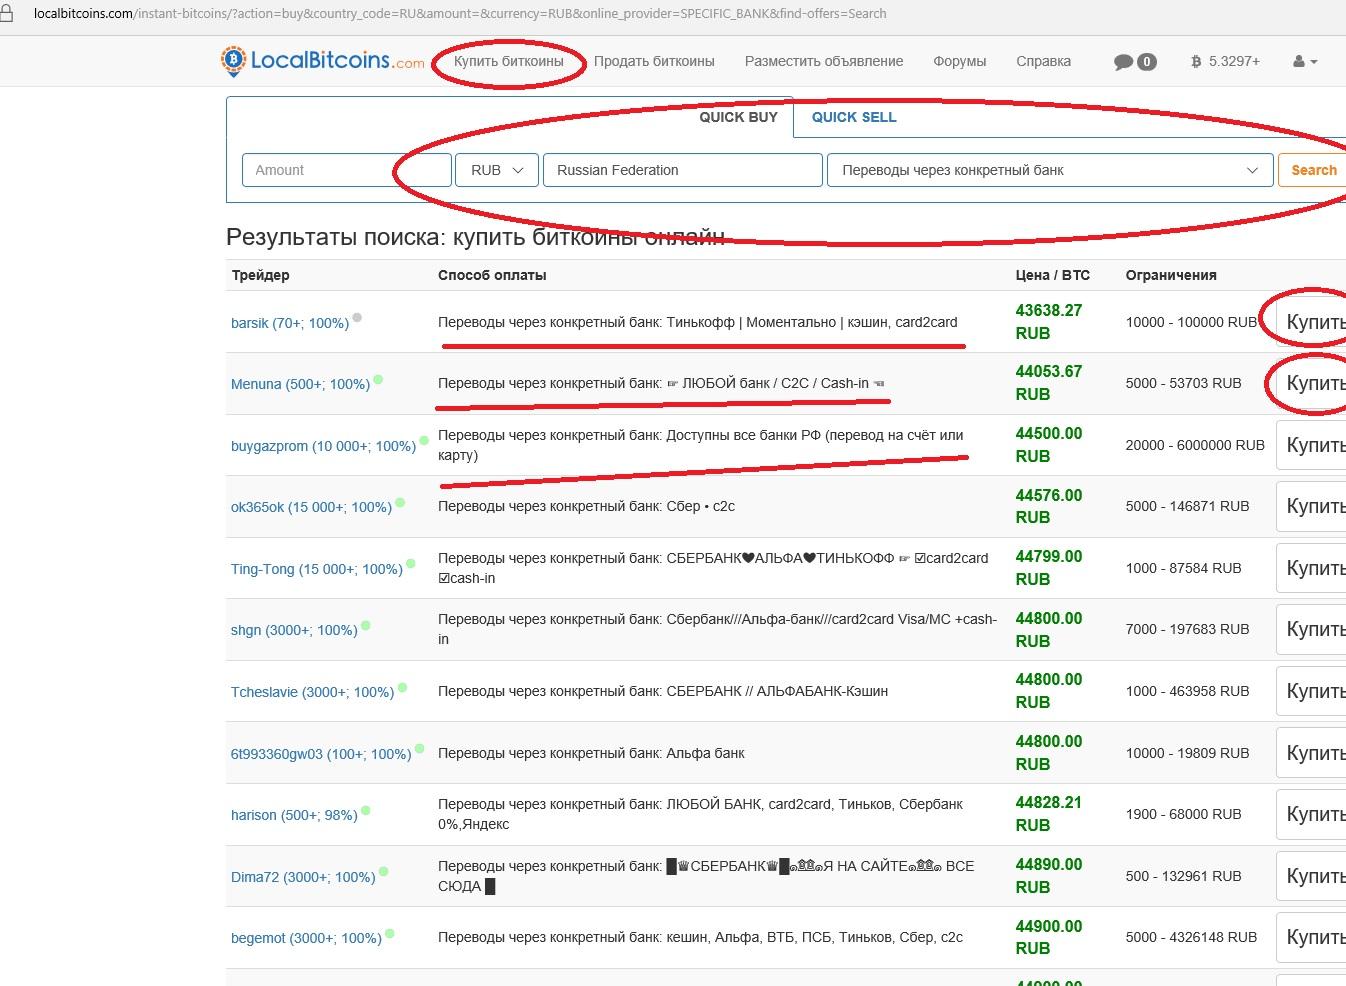 Вывод bitcoin через обменники и биржи